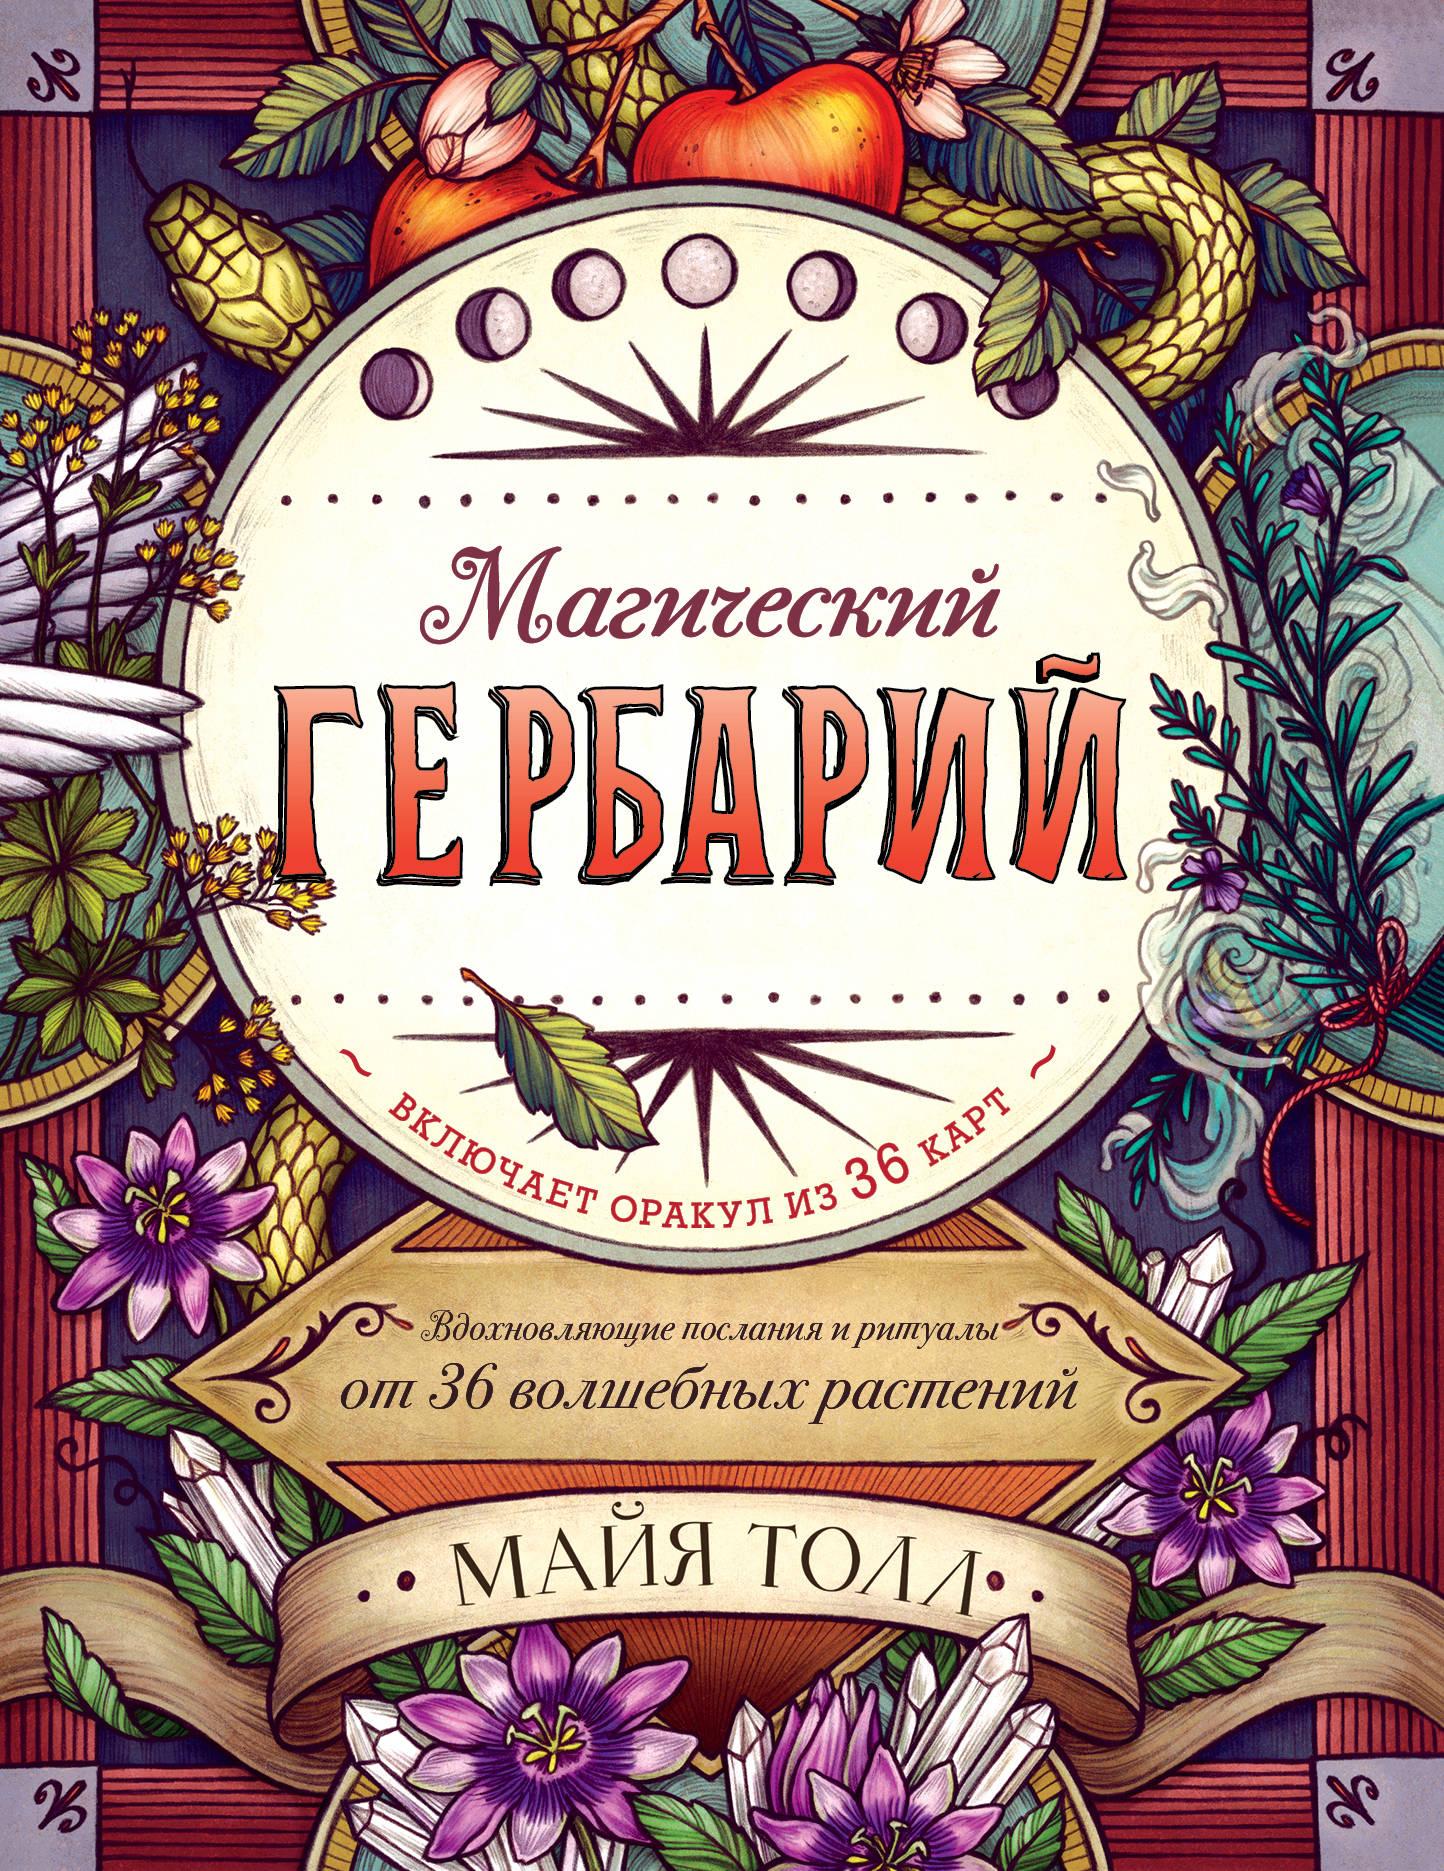 Magicheskij gerbarij. Vdokhnovljajuschie poslanija i ritualy ot 36 volshebnykh rastenij (kniga-orakul i 36 kart dlja gadanija)